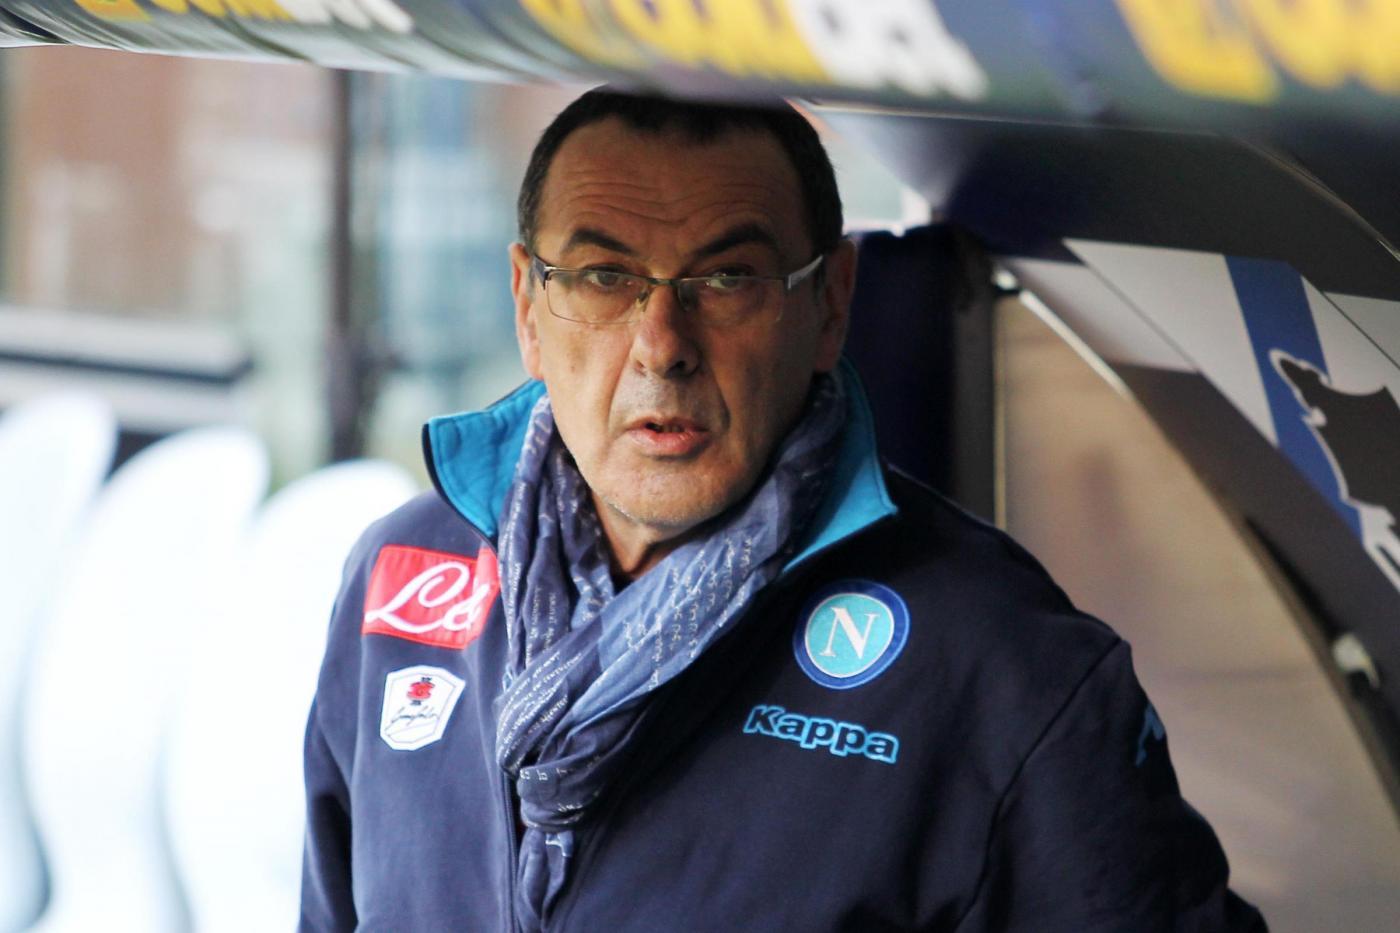 Nizza-Napoli-analisi-probabili-formazioni-pronostico-ritorno-preliminare-uefa-Champions-League-sarri